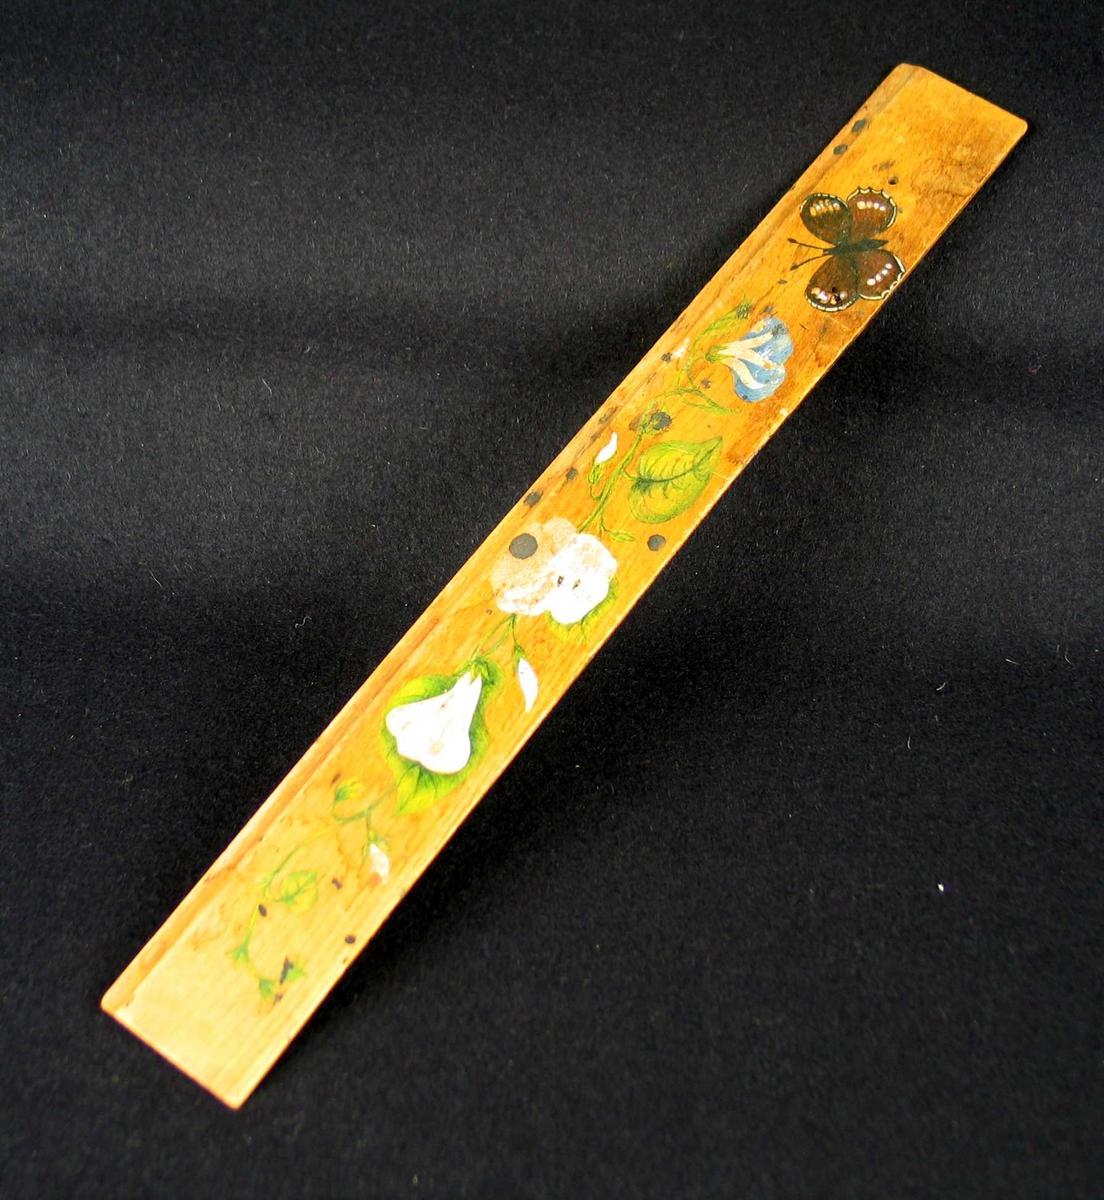 Trelinjal med tegnet blomstermotiv og sommerfugl.